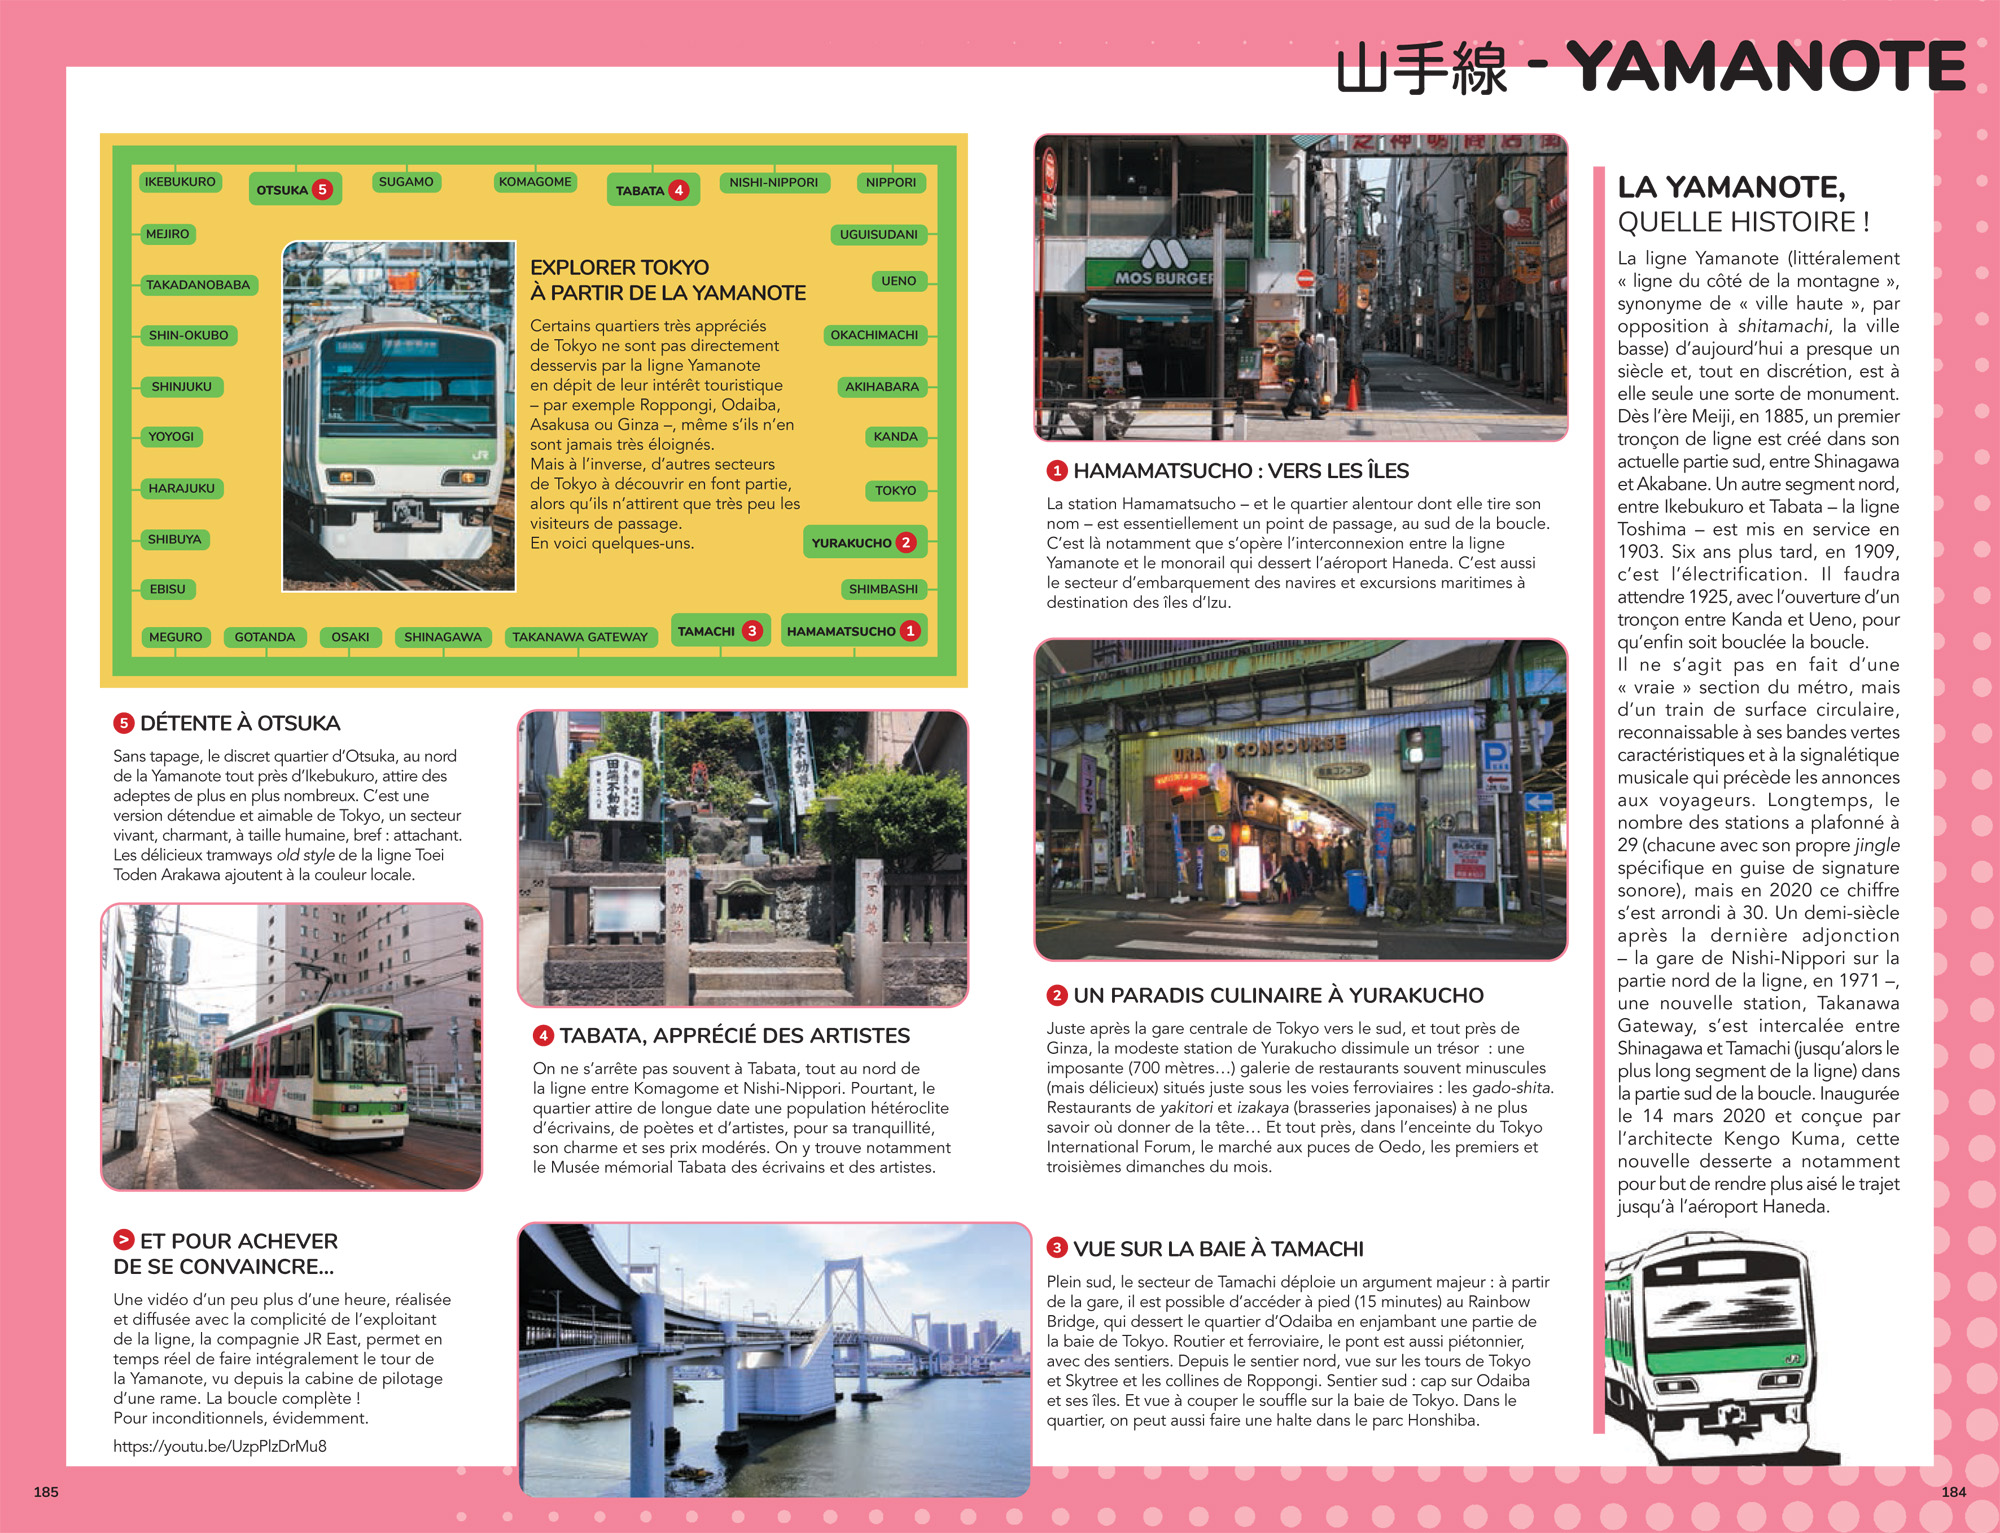 tokyo en manga planche 1